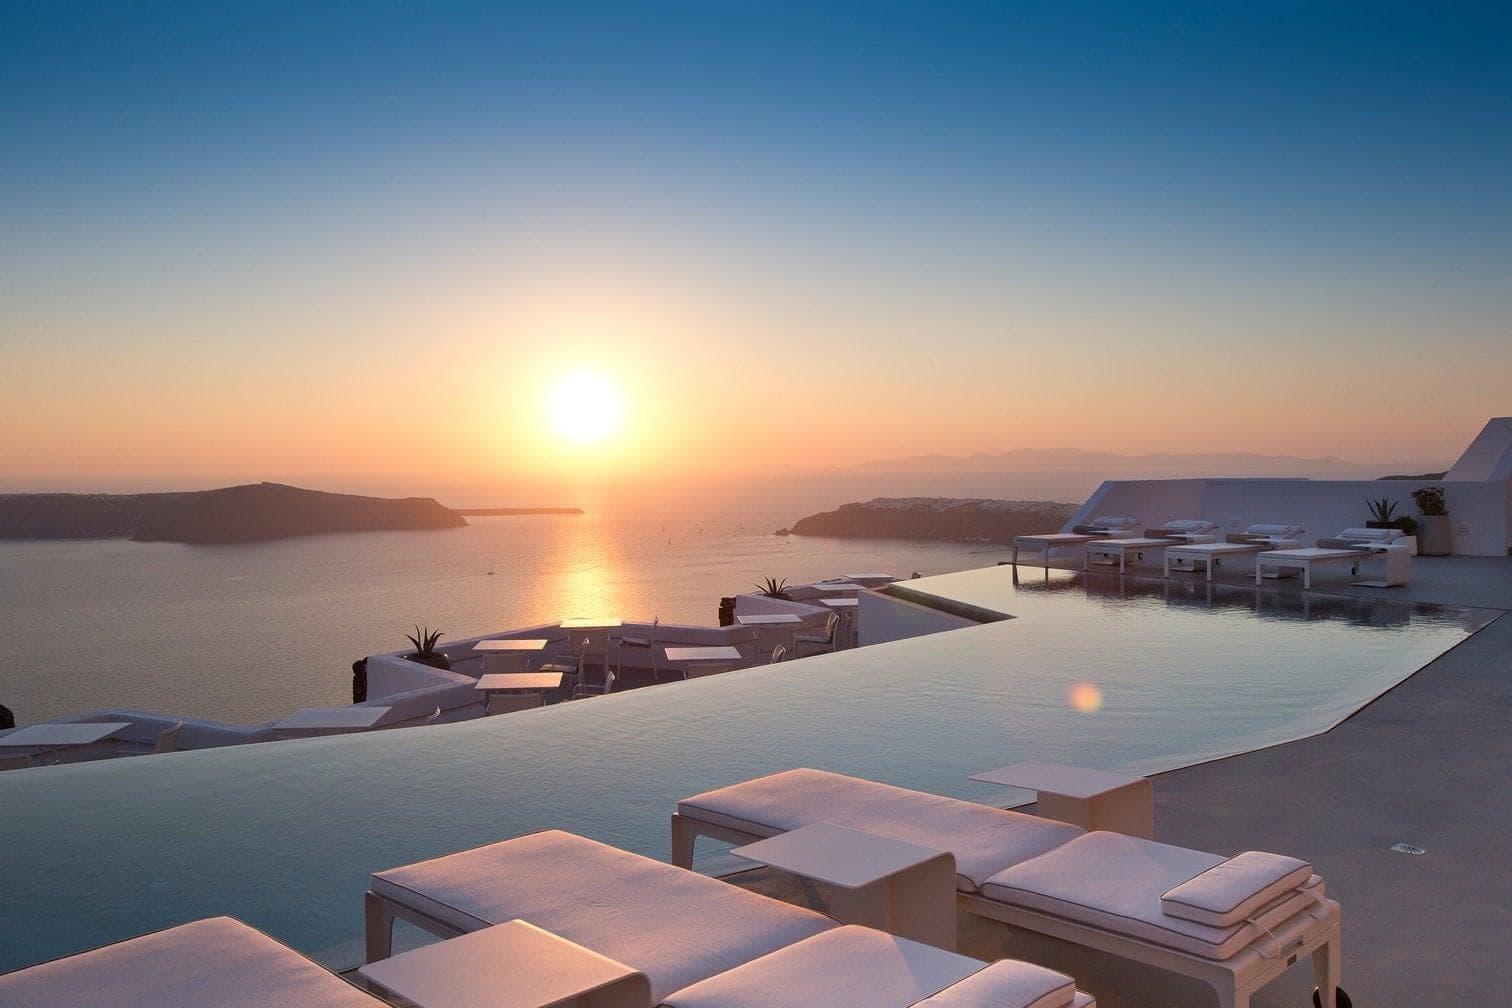 wenn man im Urlaub einfach die richtige Unterkunft wählt. Diese acht Hotels machen Lust auf Urlaub im Zimmer.</p> Foto: dpa